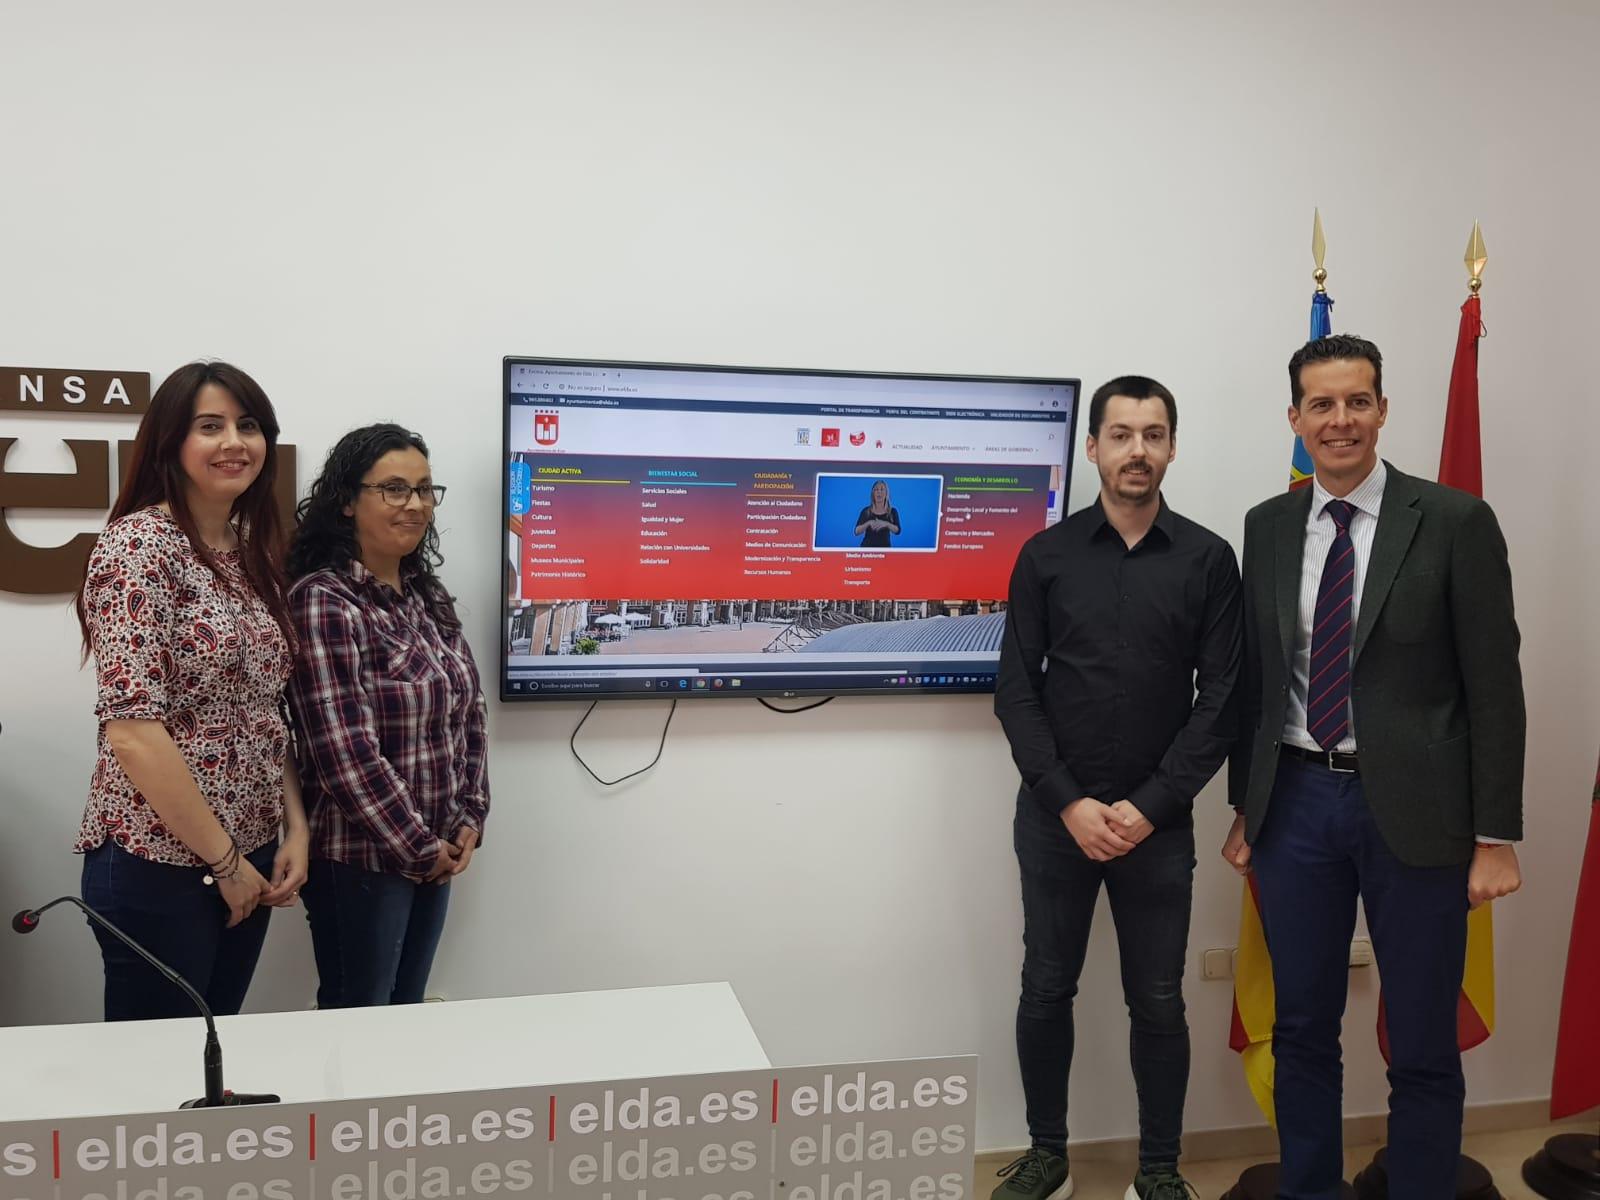 Elda.es se convierte en la primera web municipal de la Comunidad Valenciana en adaptarse a la lengua de signos